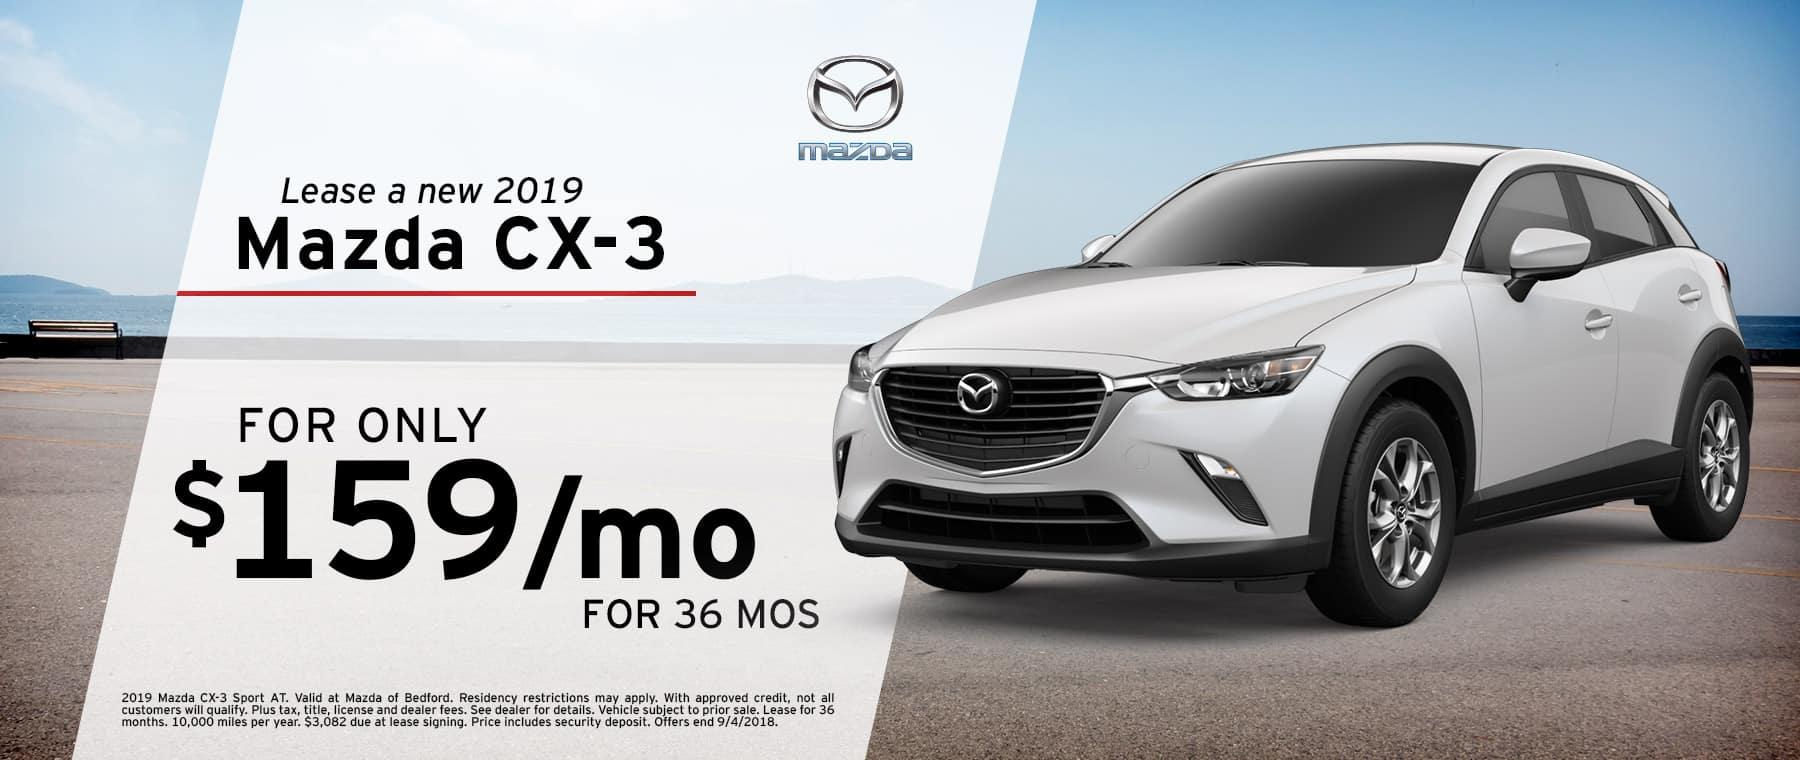 Mazda CX-3 | Mazda of Bedford